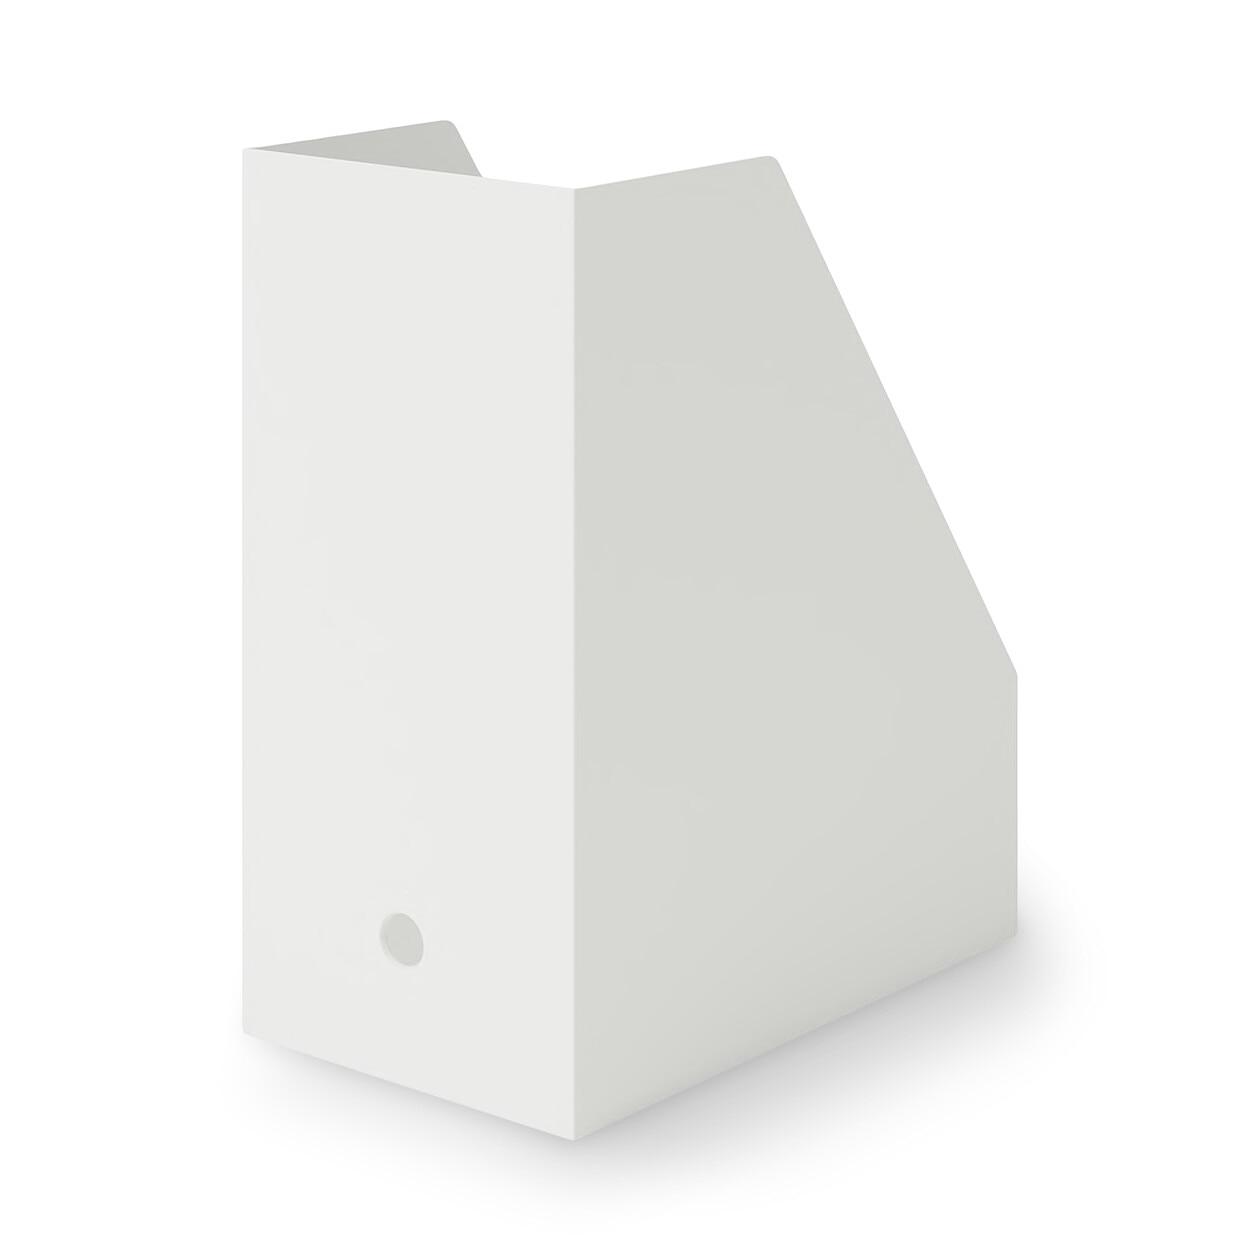 ポリプロピレンスタンドファイルボックス・ワイド・A4用・ホワイトグレーの写真